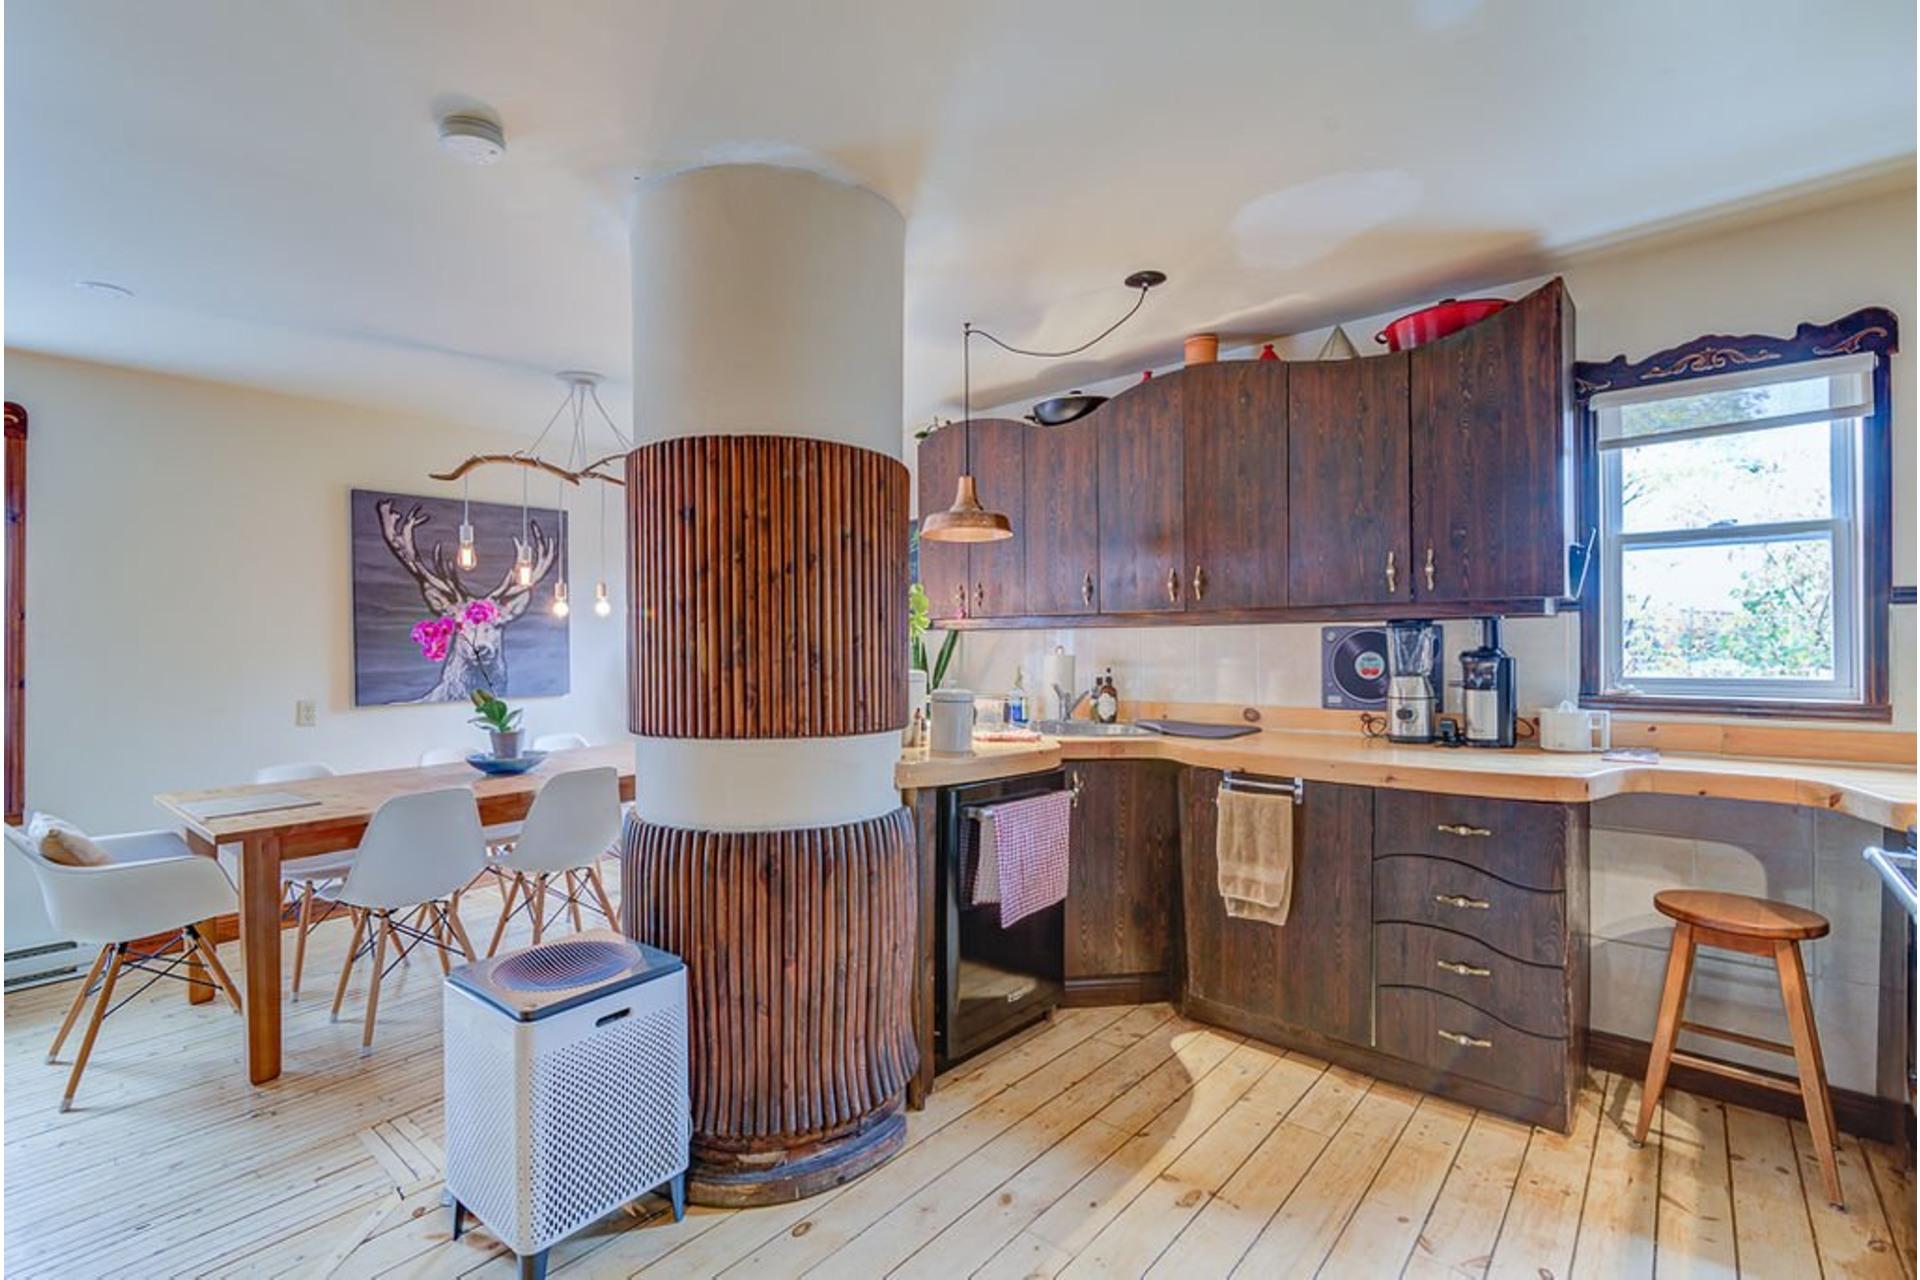 image 4 - Duplex À vendre Rawdon - 4 pièces